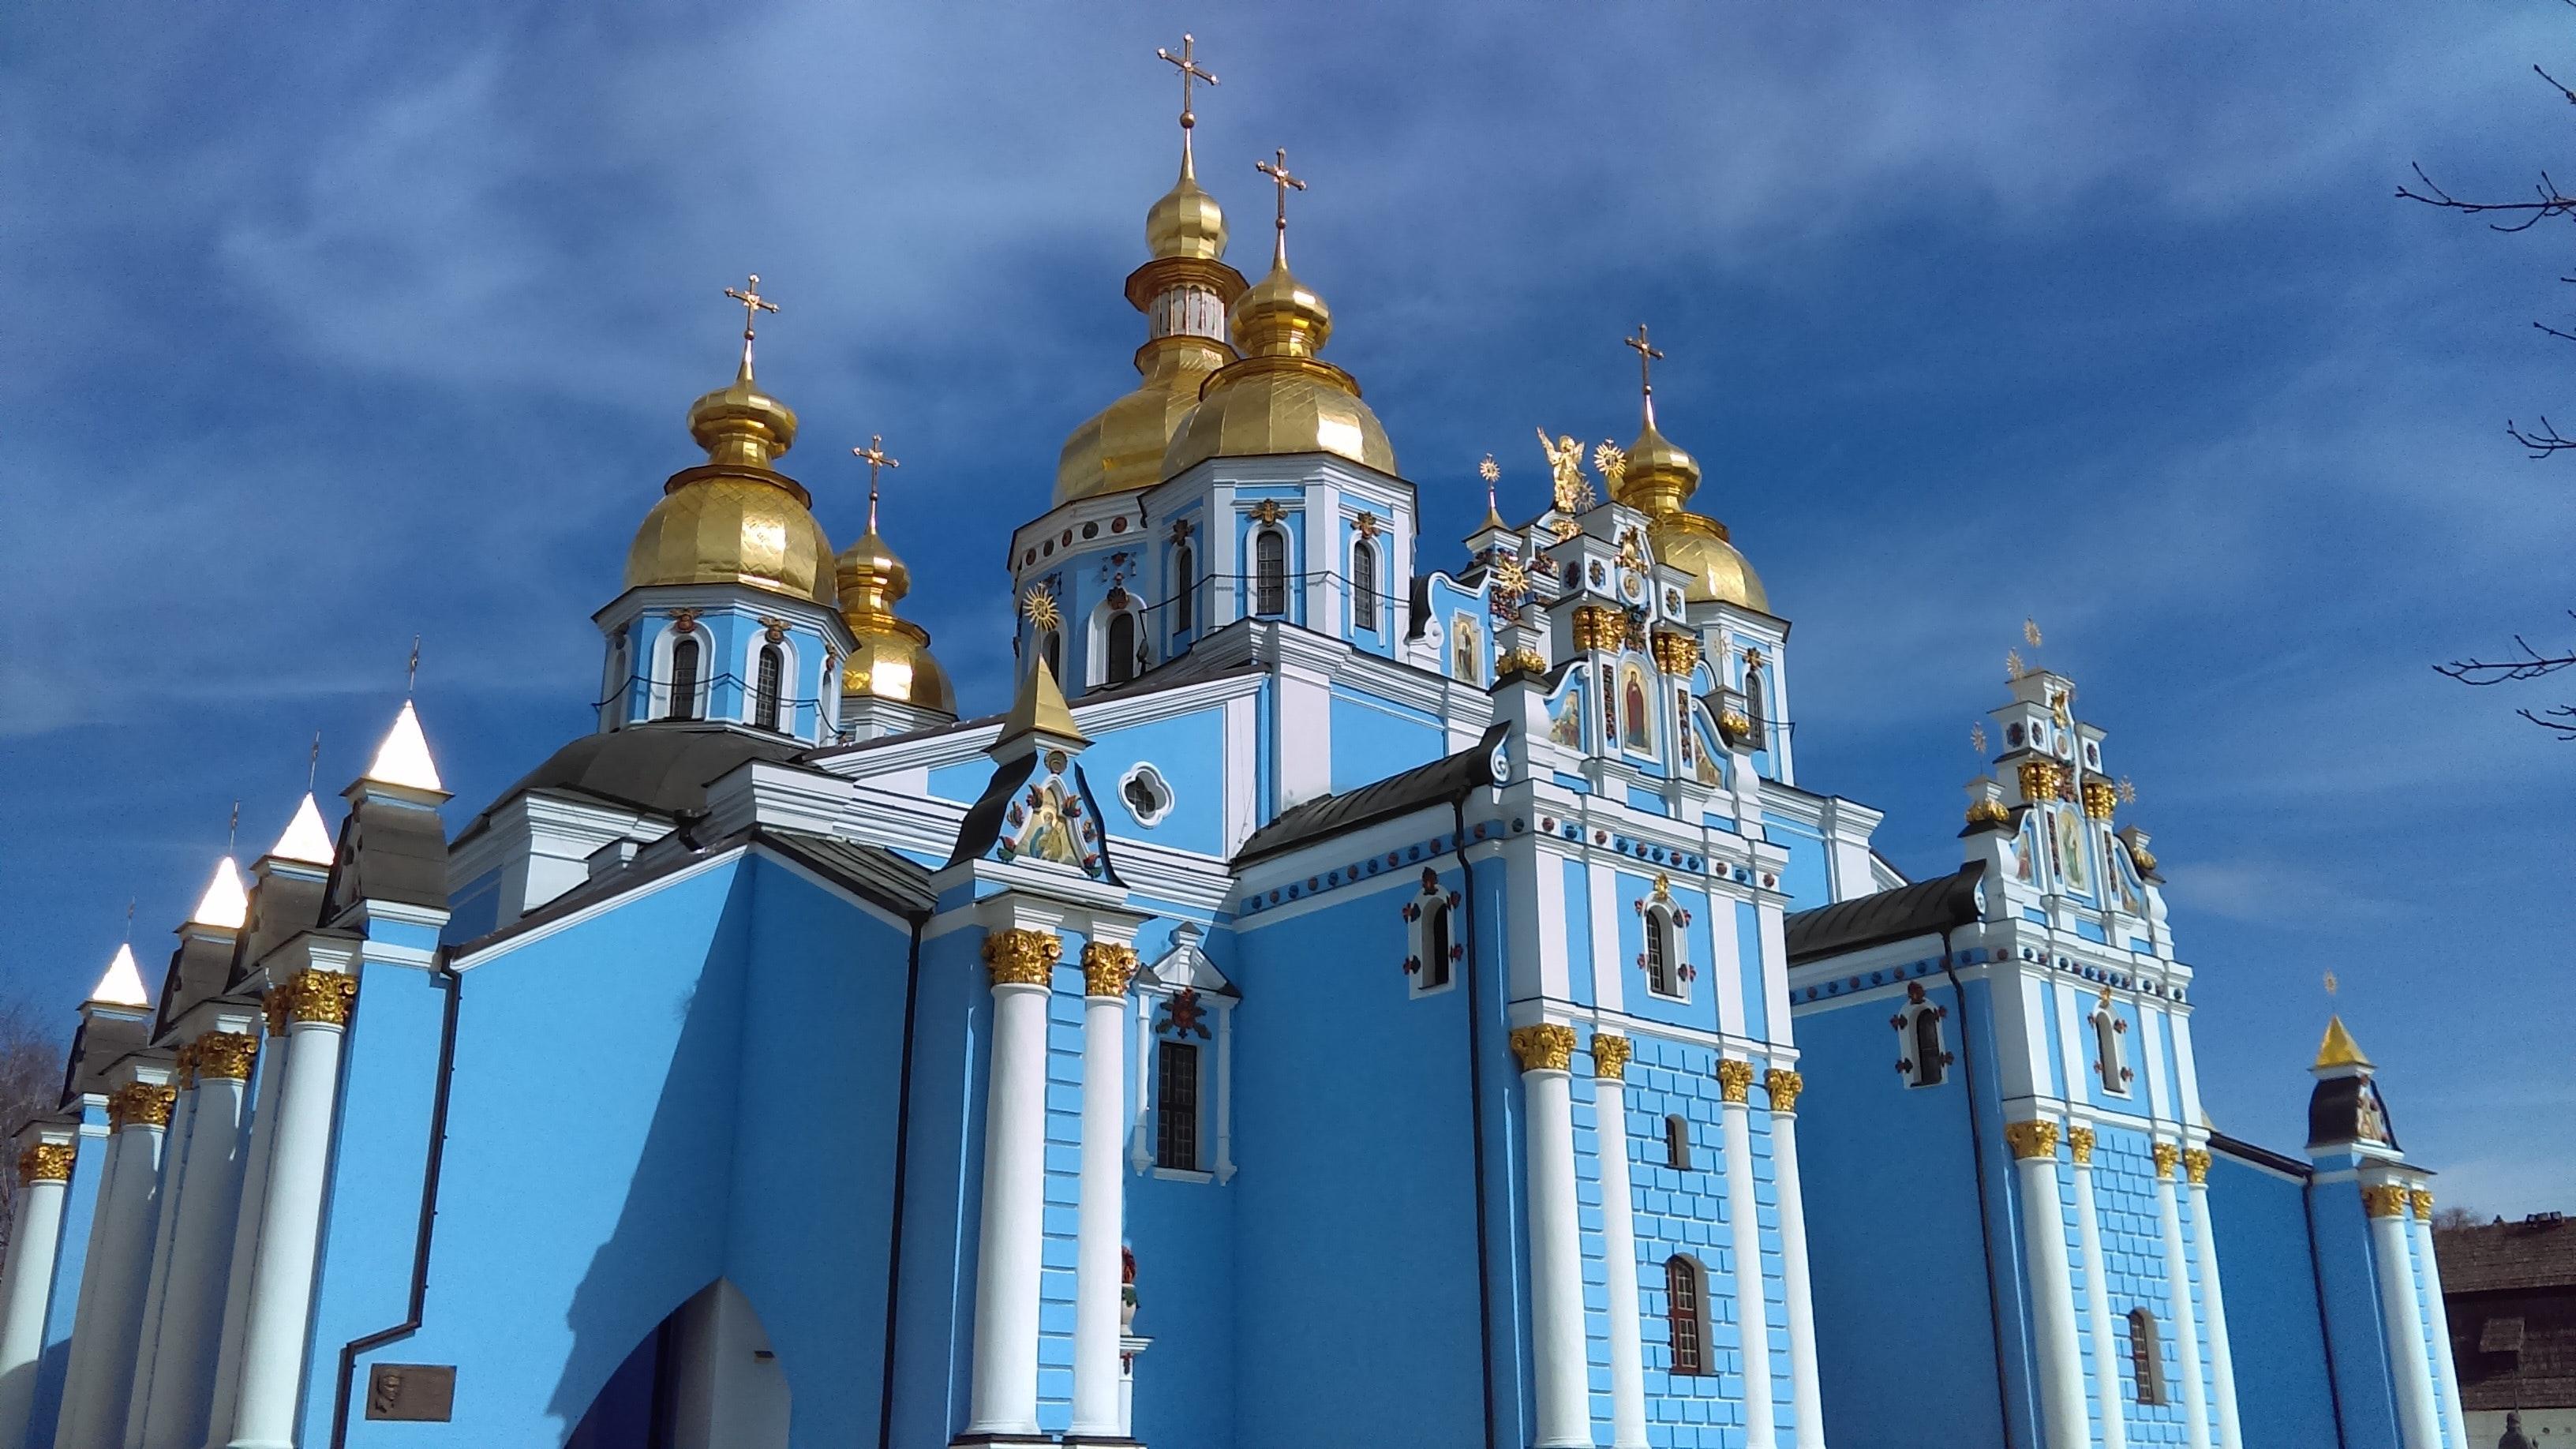 Фотография памятника Хмельницкому в Киеве